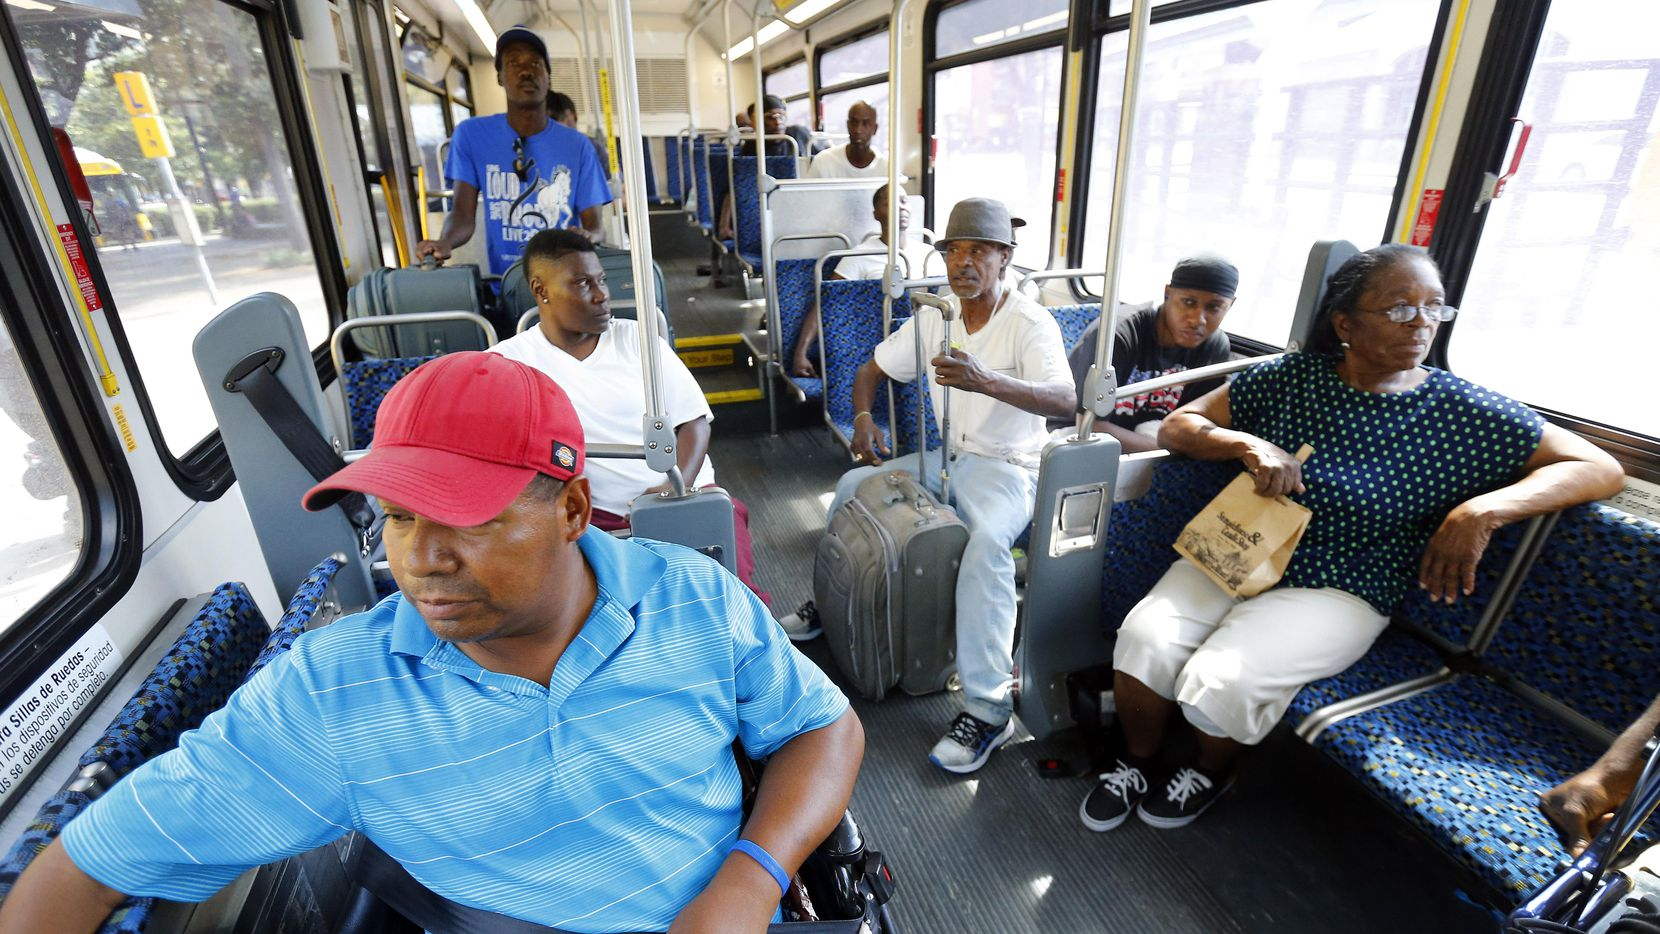 Las nuevas rutas del DART servirán para atender sectores que necesitan más del transporte público como el sur de Dallas. (DMN/TOM FOX)